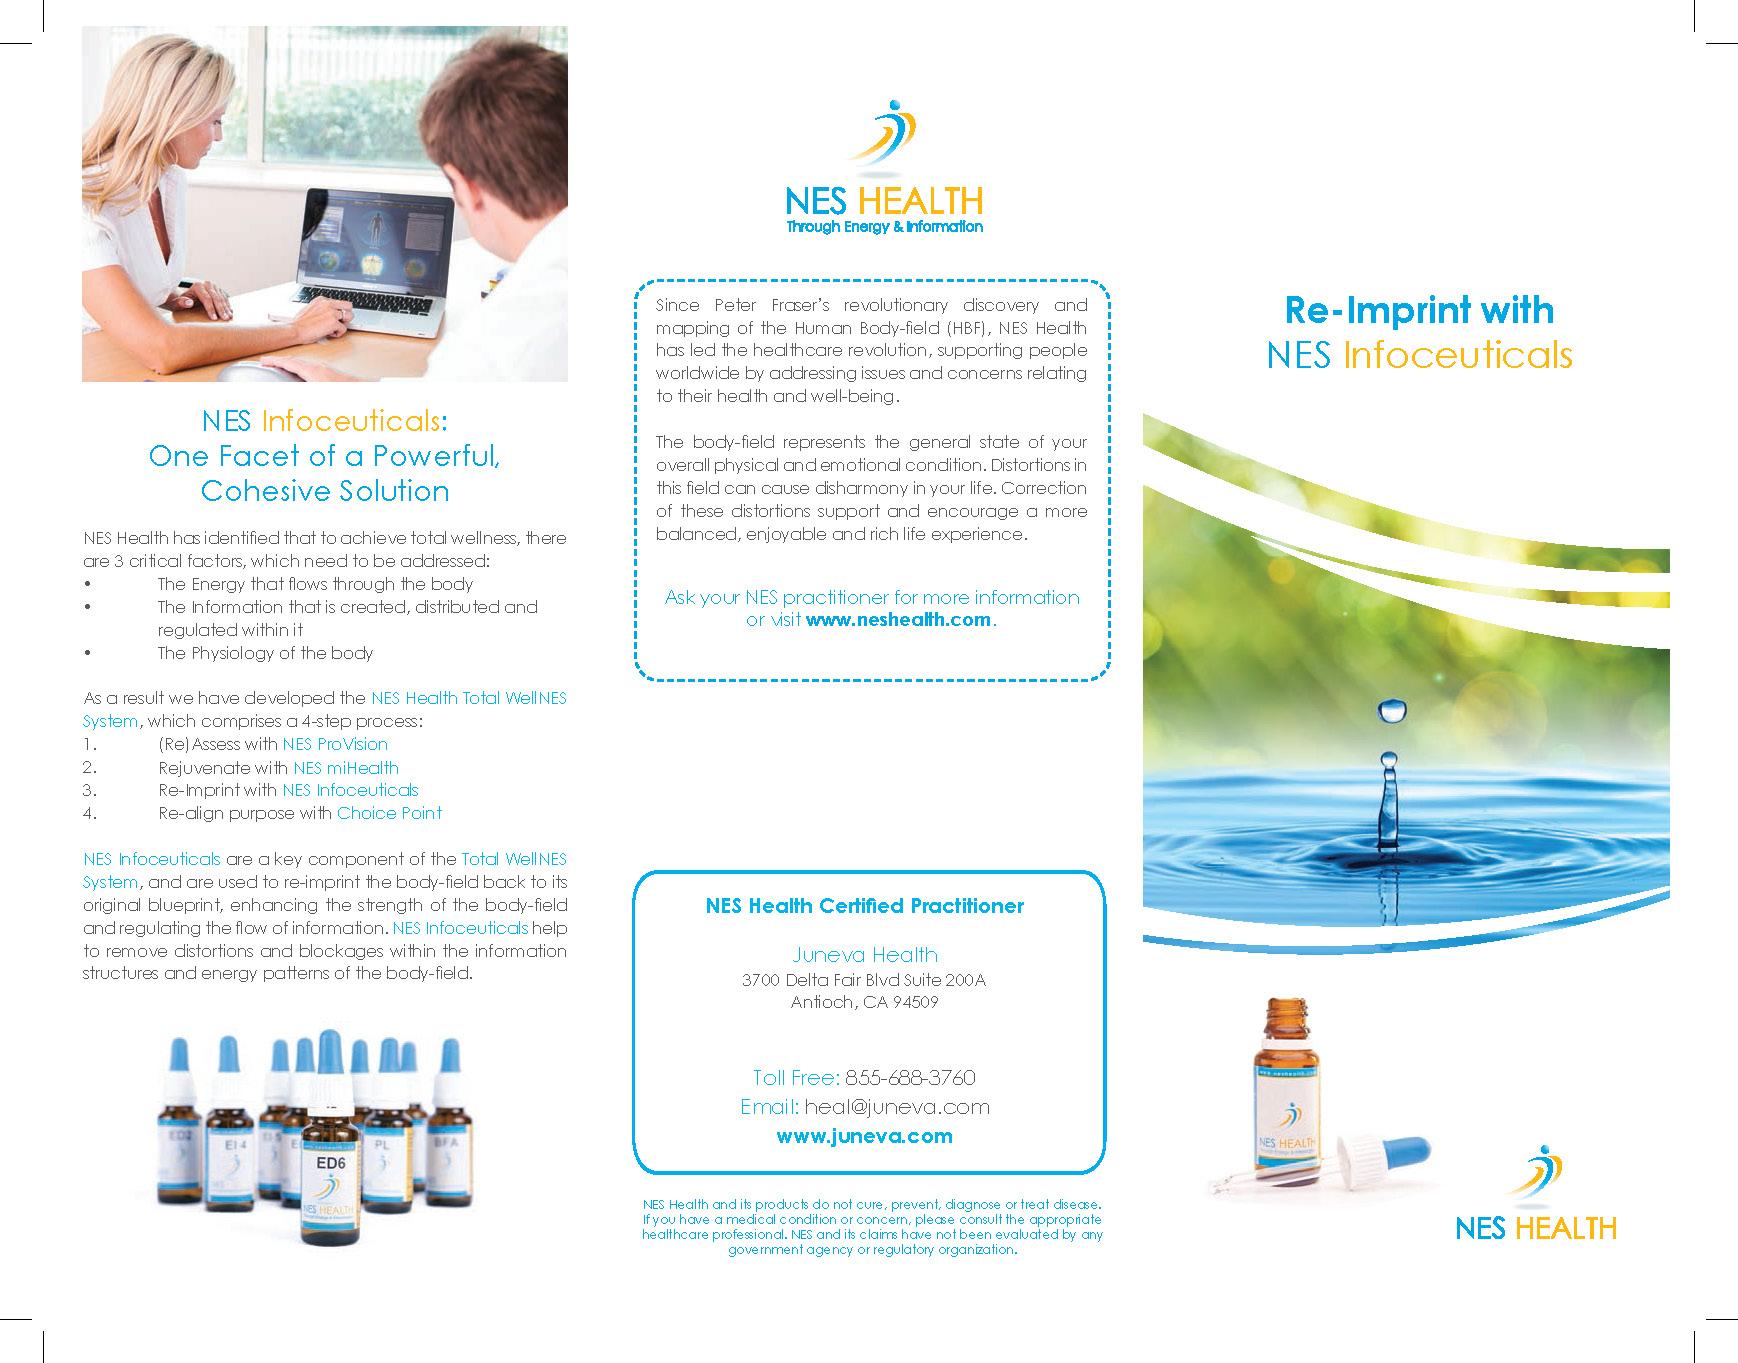 NES Infoceuticals brochure.